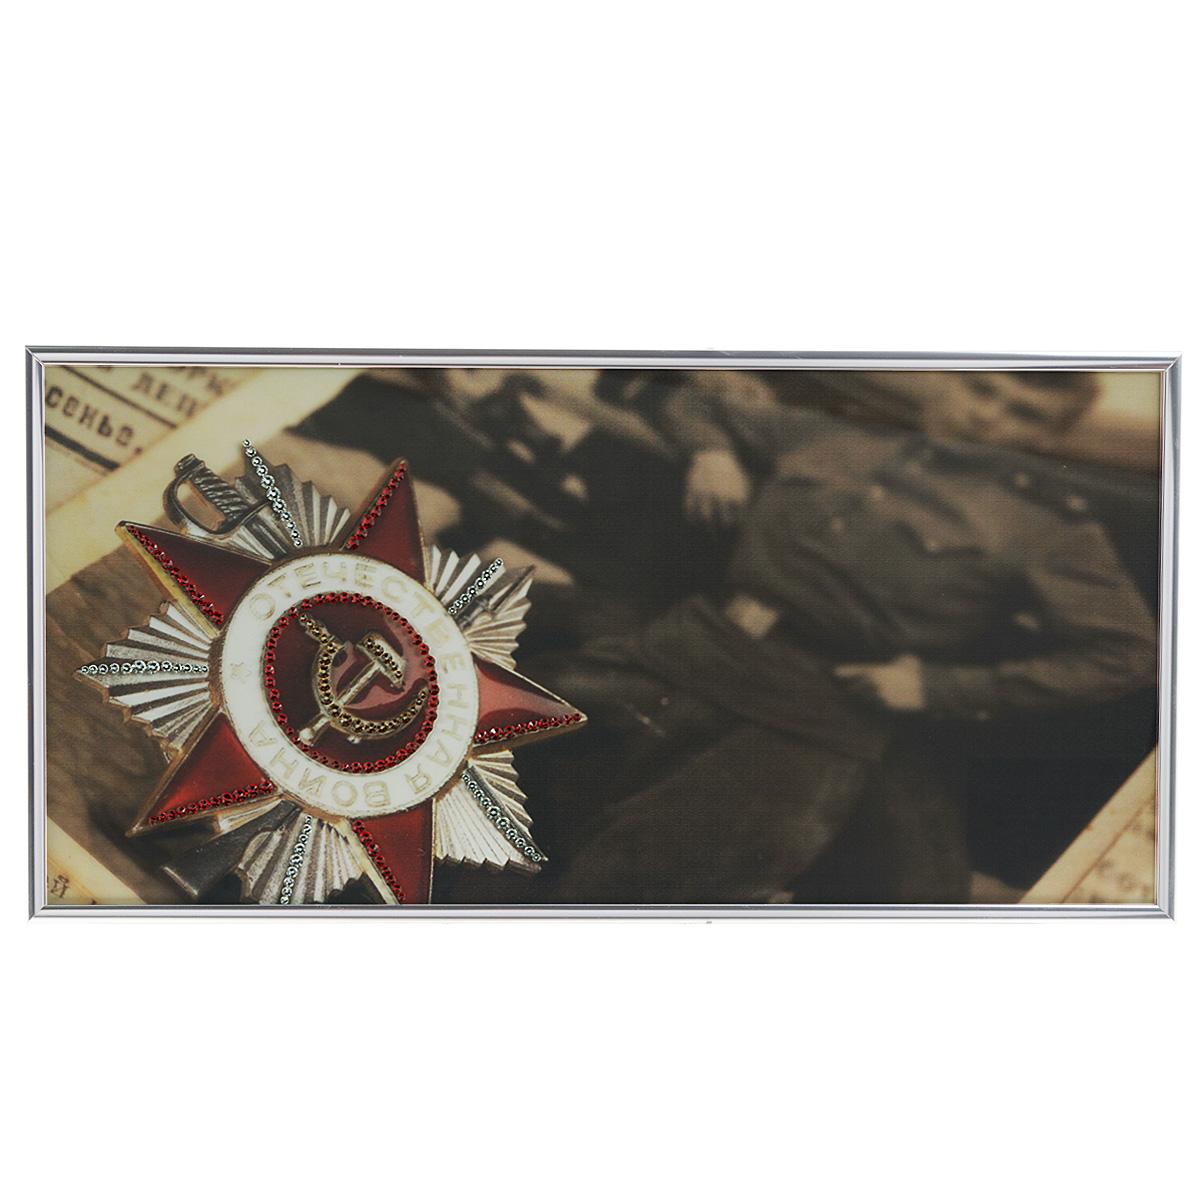 Картина с кристаллами Swarovski Орден Отечественной войны I степени, 40 х 20 см12723Изящная картина в алюминиевой раме Орден Отечественной войны I степени инкрустирована кристаллами Swarovski, которые отличаются четкой и ровной огранкой, ярким блеском и чистотой цвета. Идеально подобранная палитра кристаллов прекрасно дополняет картину. С задней стороны изделие оснащено специальной металлической петелькой для размещения на стене. Картина с кристаллами Swarovski элегантно украсит интерьер дома, а также станет прекрасным подарком, который обязательно понравится получателю. Блеск кристаллов в интерьере - что может быть сказочнее и удивительнее. Изделие упаковано в подарочную картонную коробку синего цвета и комплектуется сертификатом соответствия Swarovski.